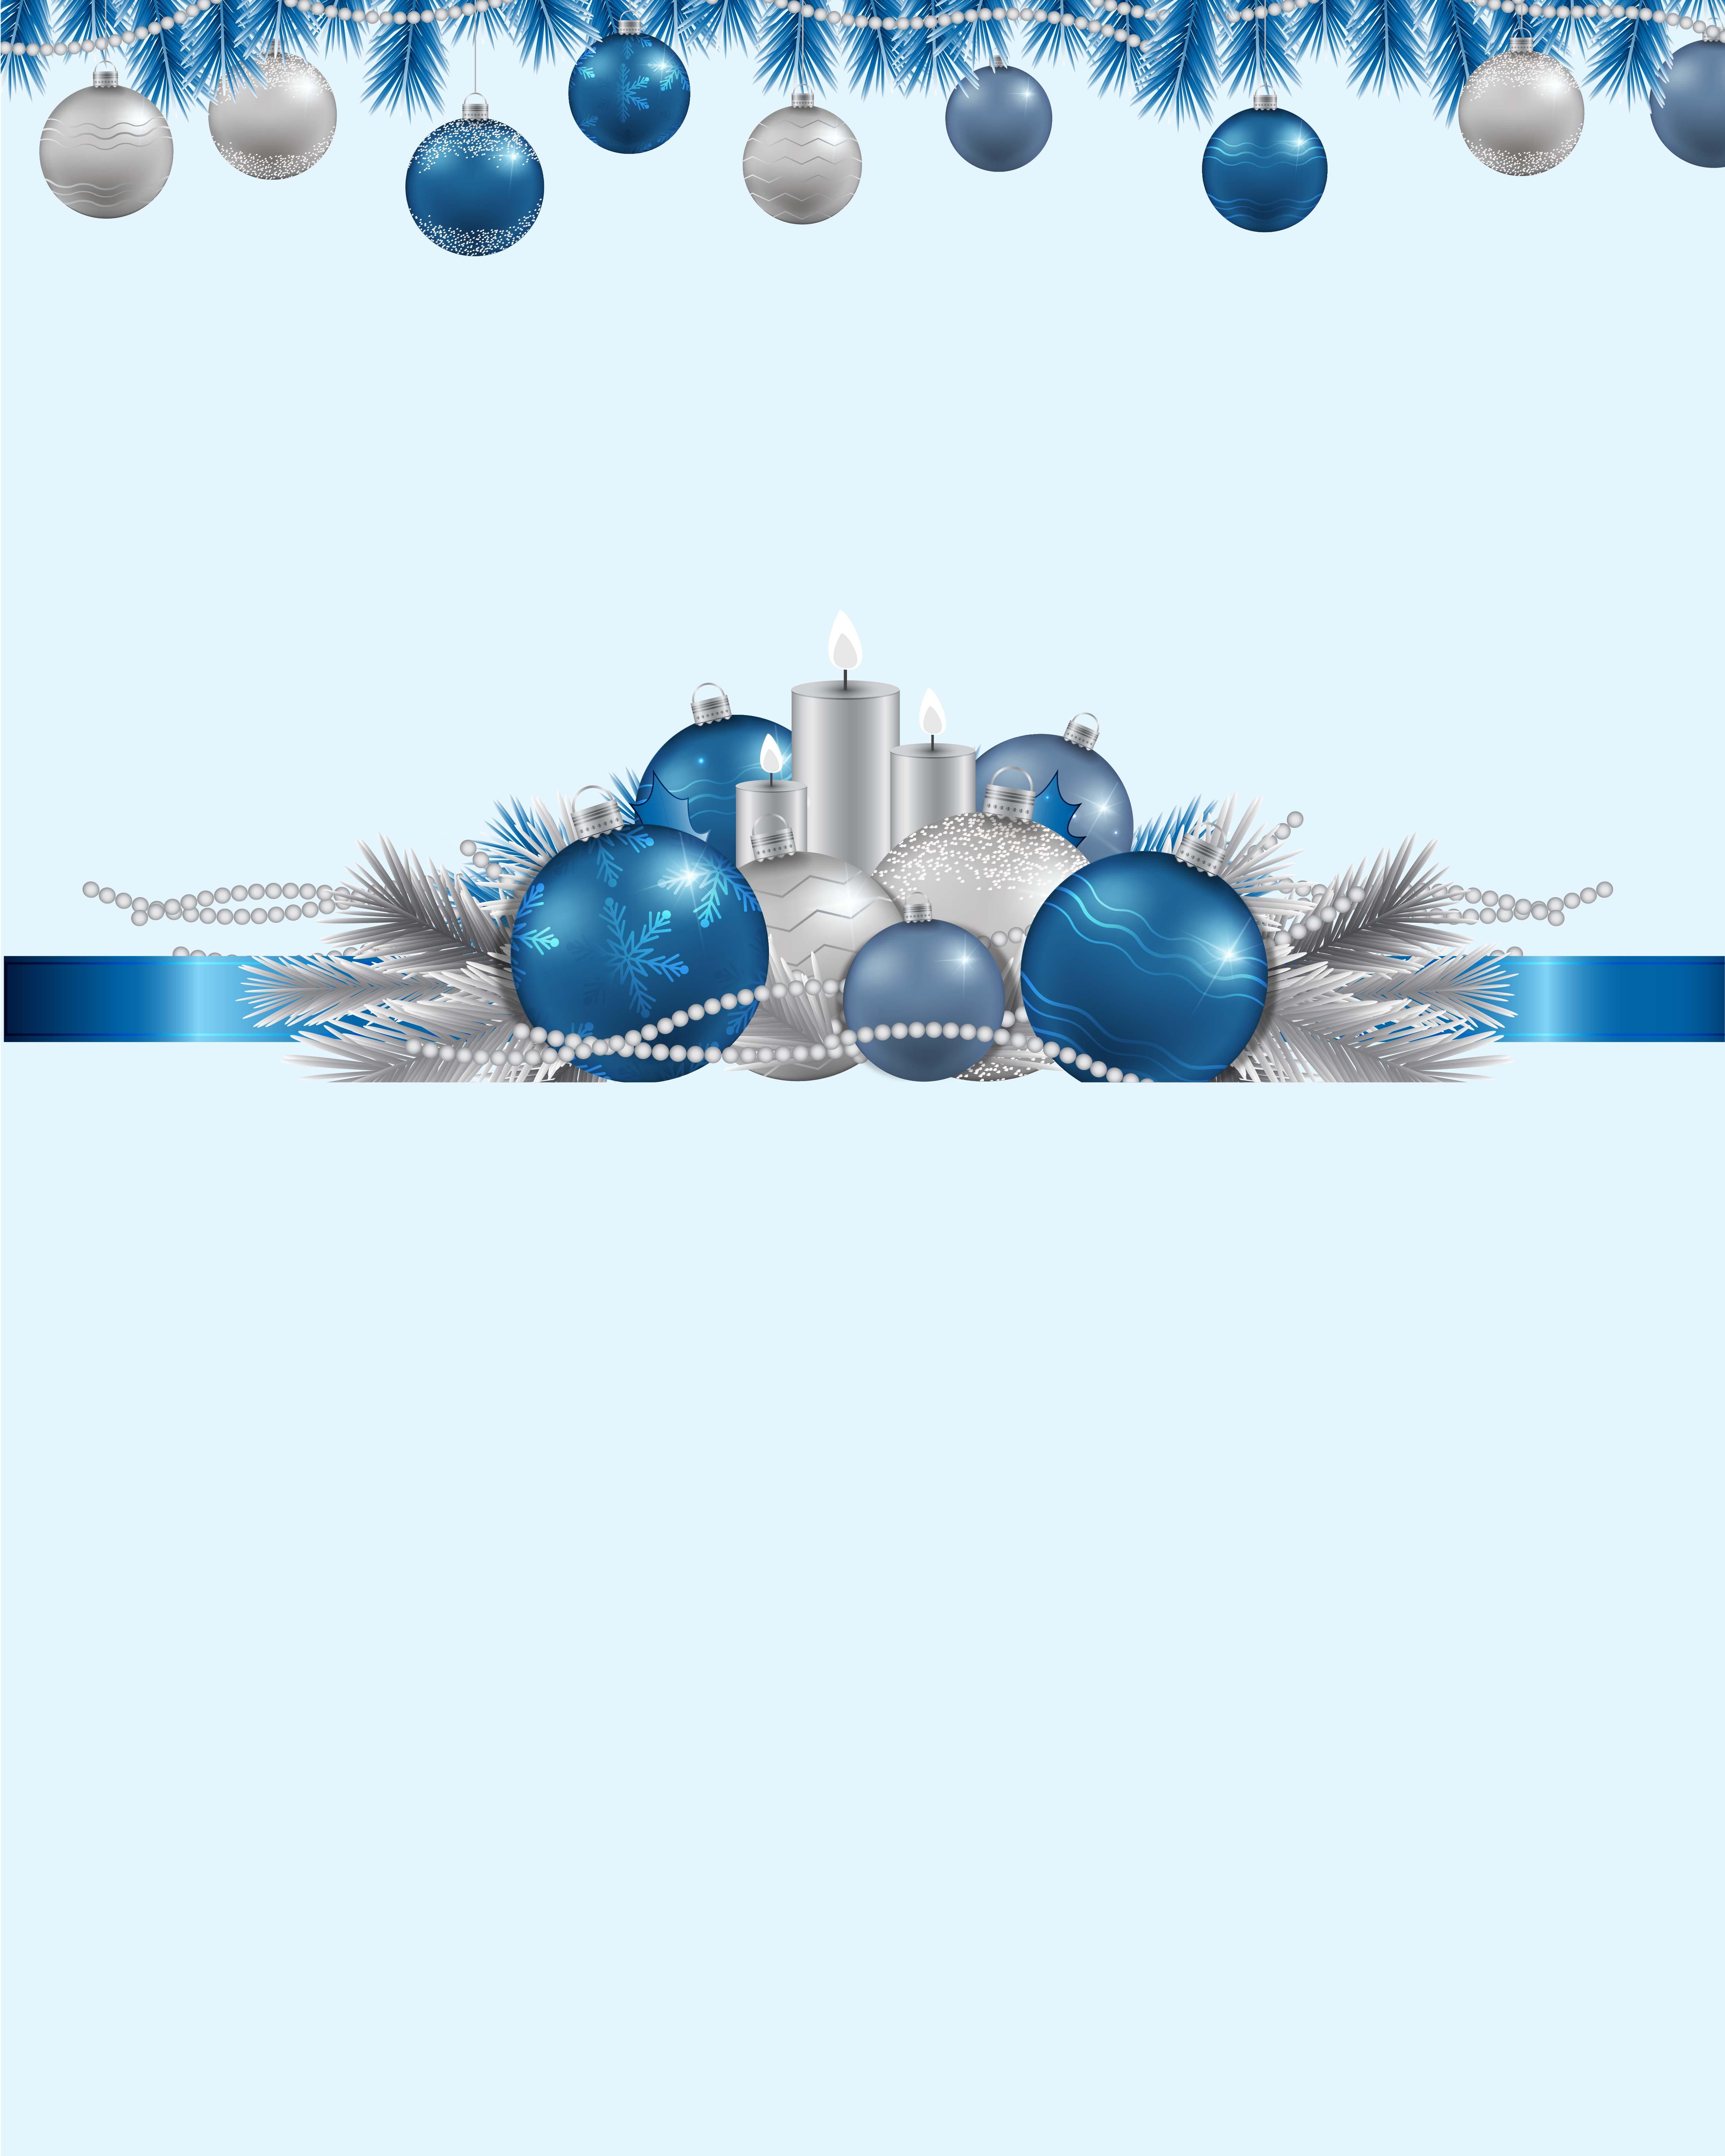 Allenjoy fotografía telones de fondo ornamento marcos azul navidad ...